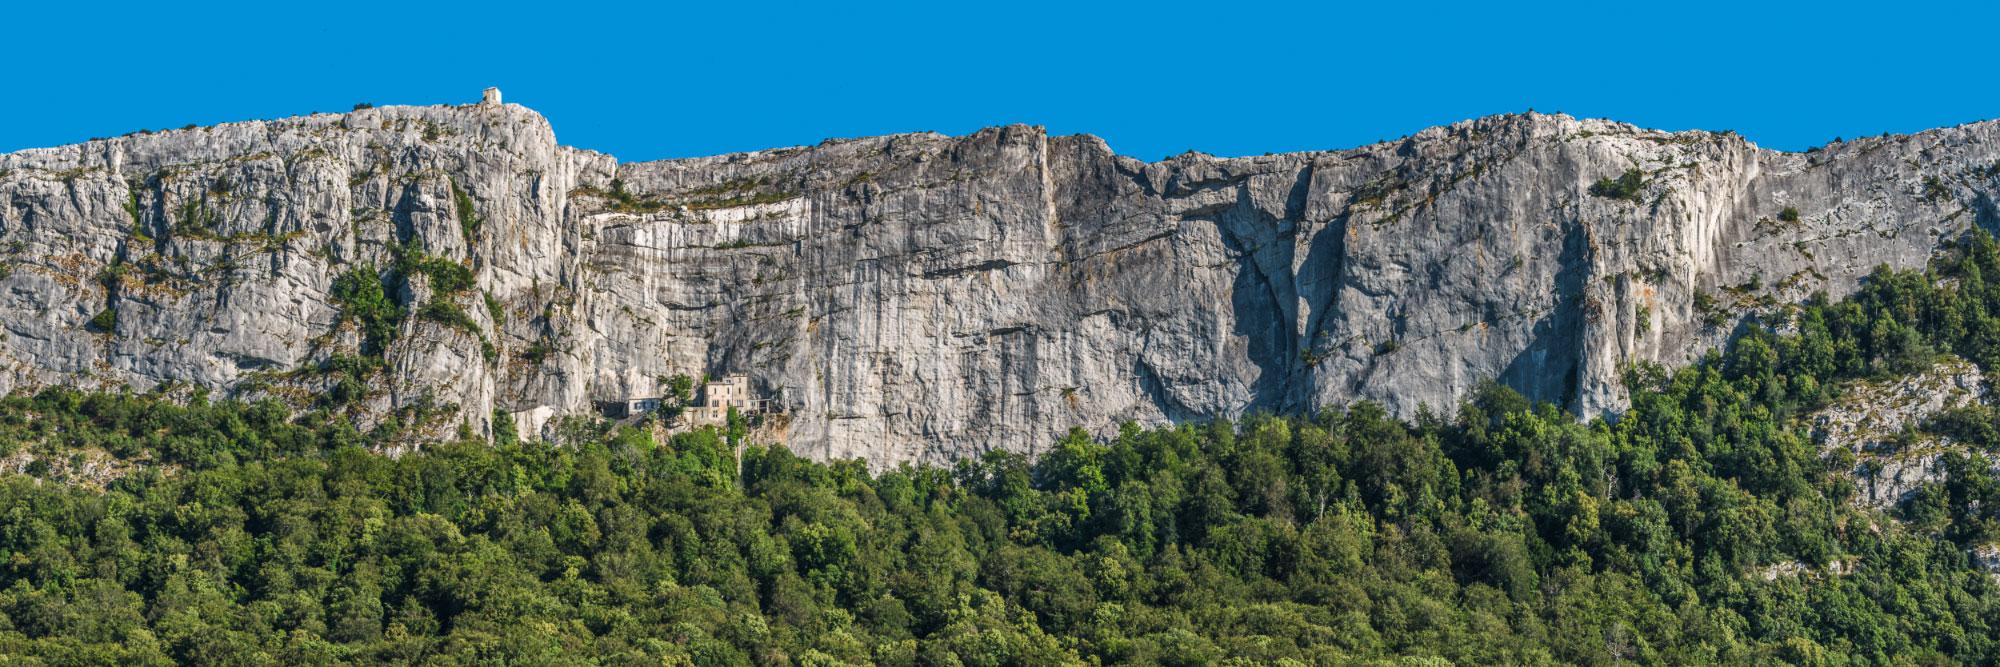 Falaise de la Sainte-Baume, grotte de la Madeleine et chapelle de Saint-Pilon